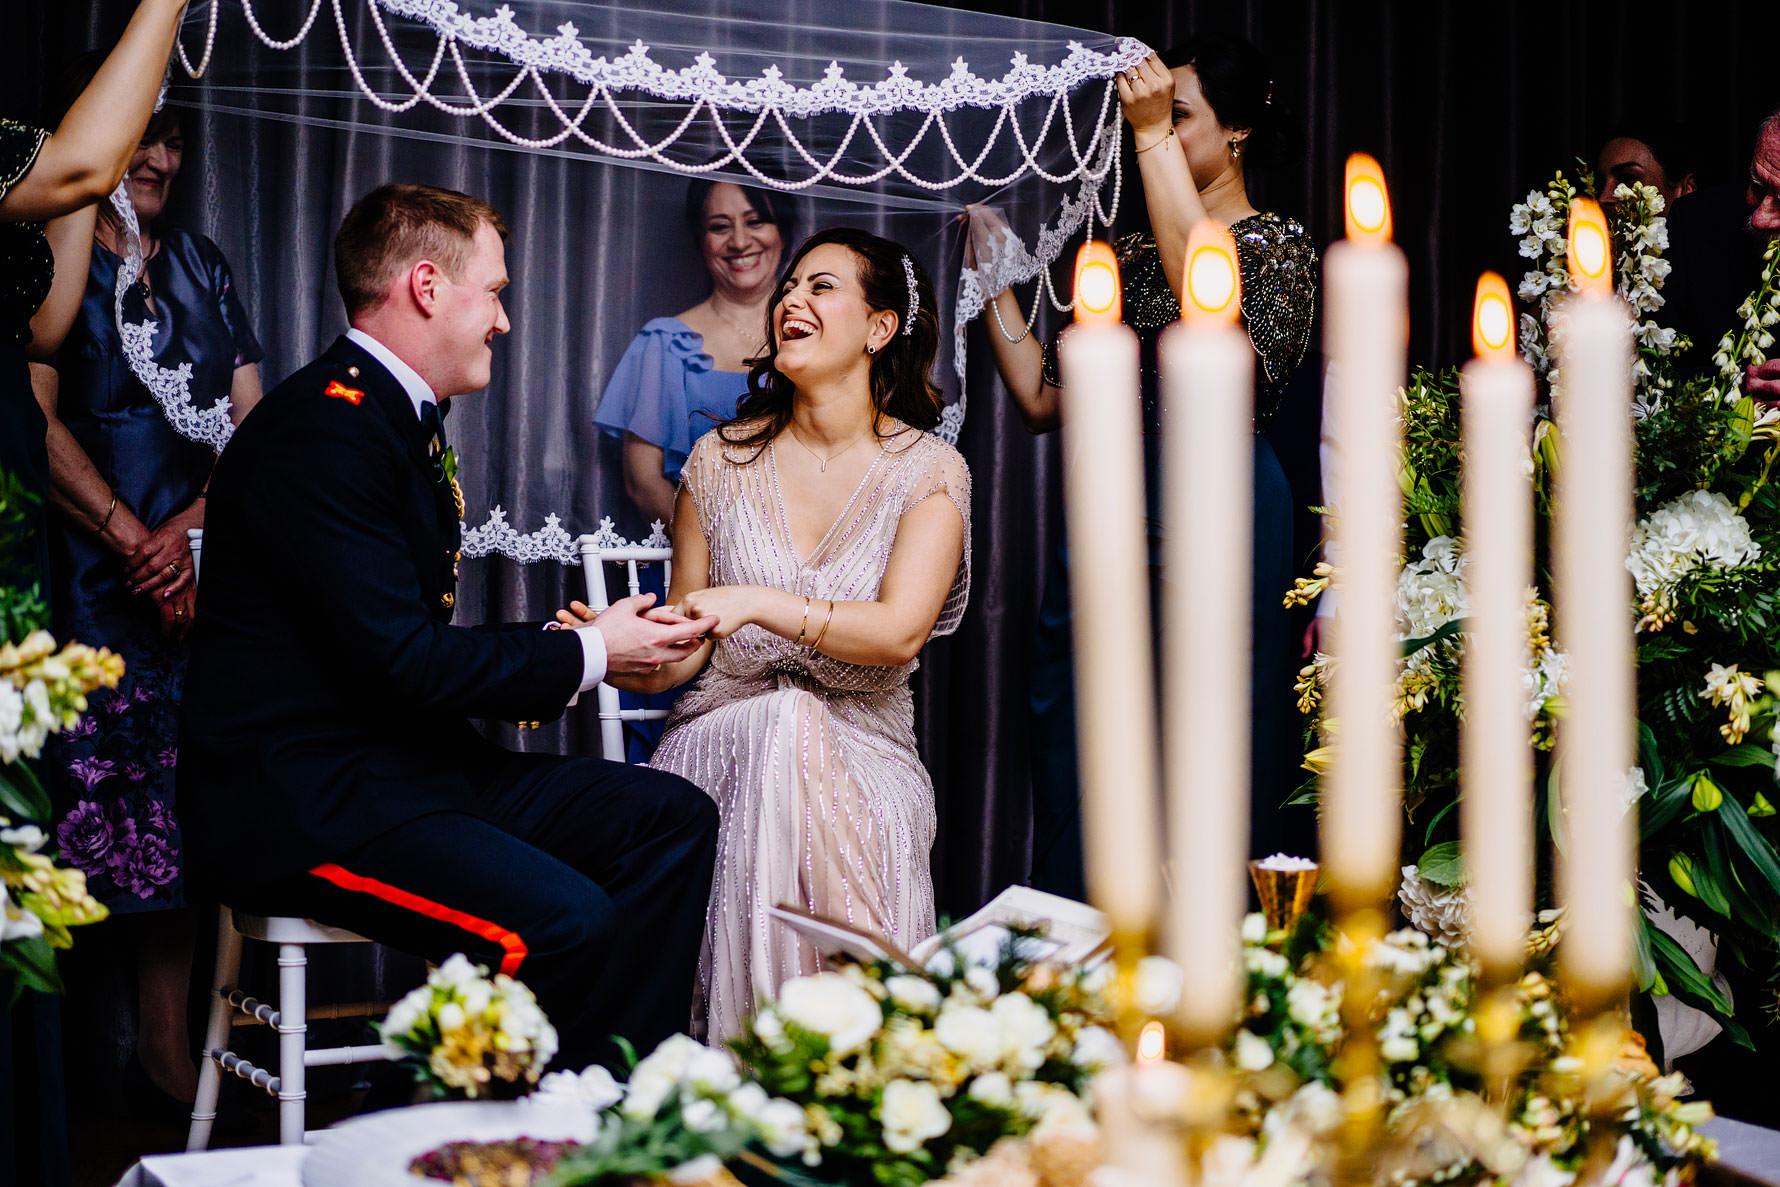 an Iranian wedding ceremony